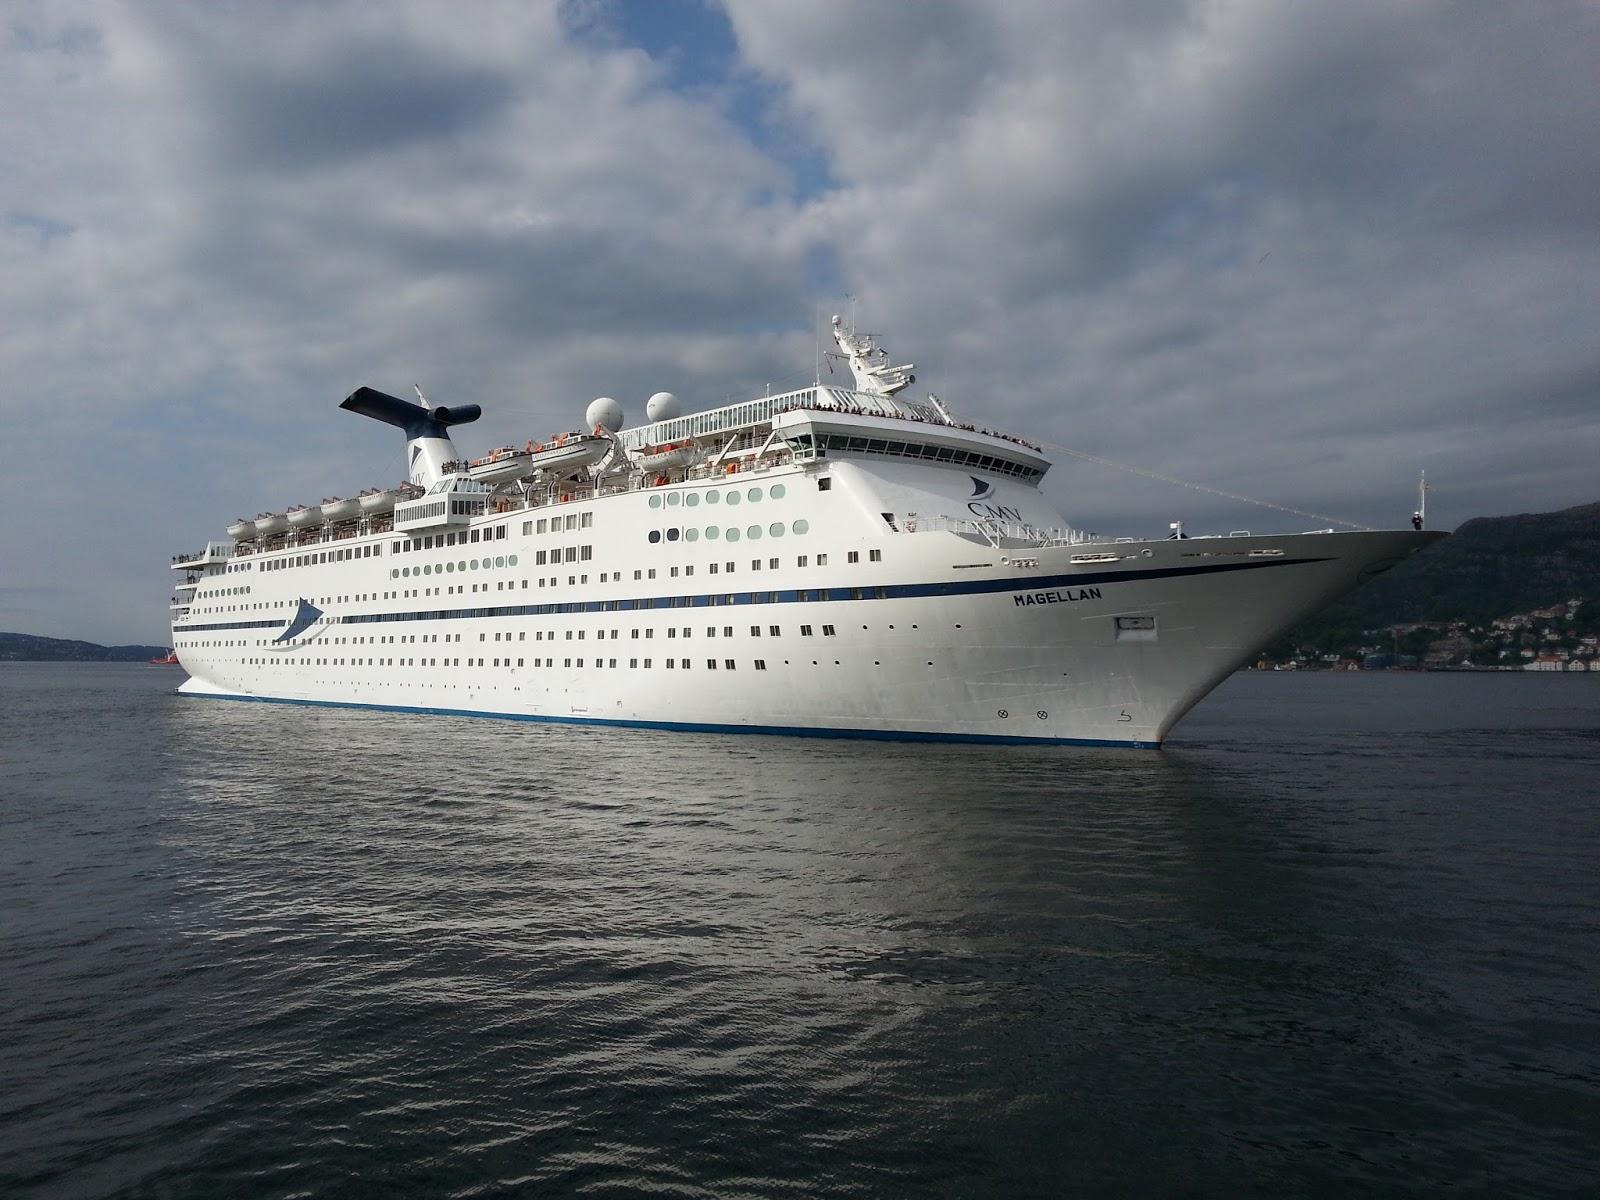 Magellan - Magellan cruise ship